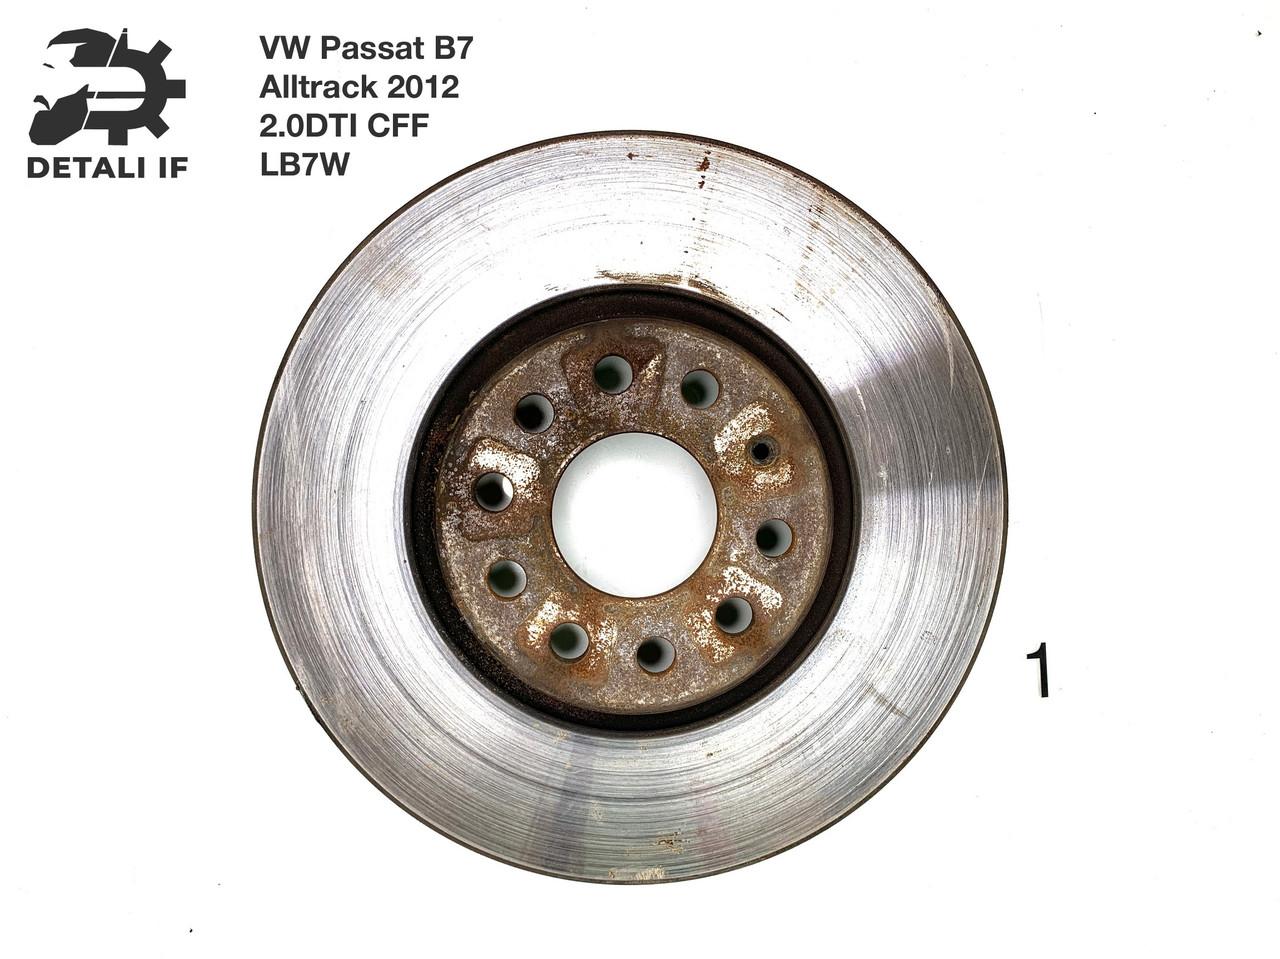 Тормозной диск передний №1 Passat B7 Alltrack 2.0DTI 1K0615301AA